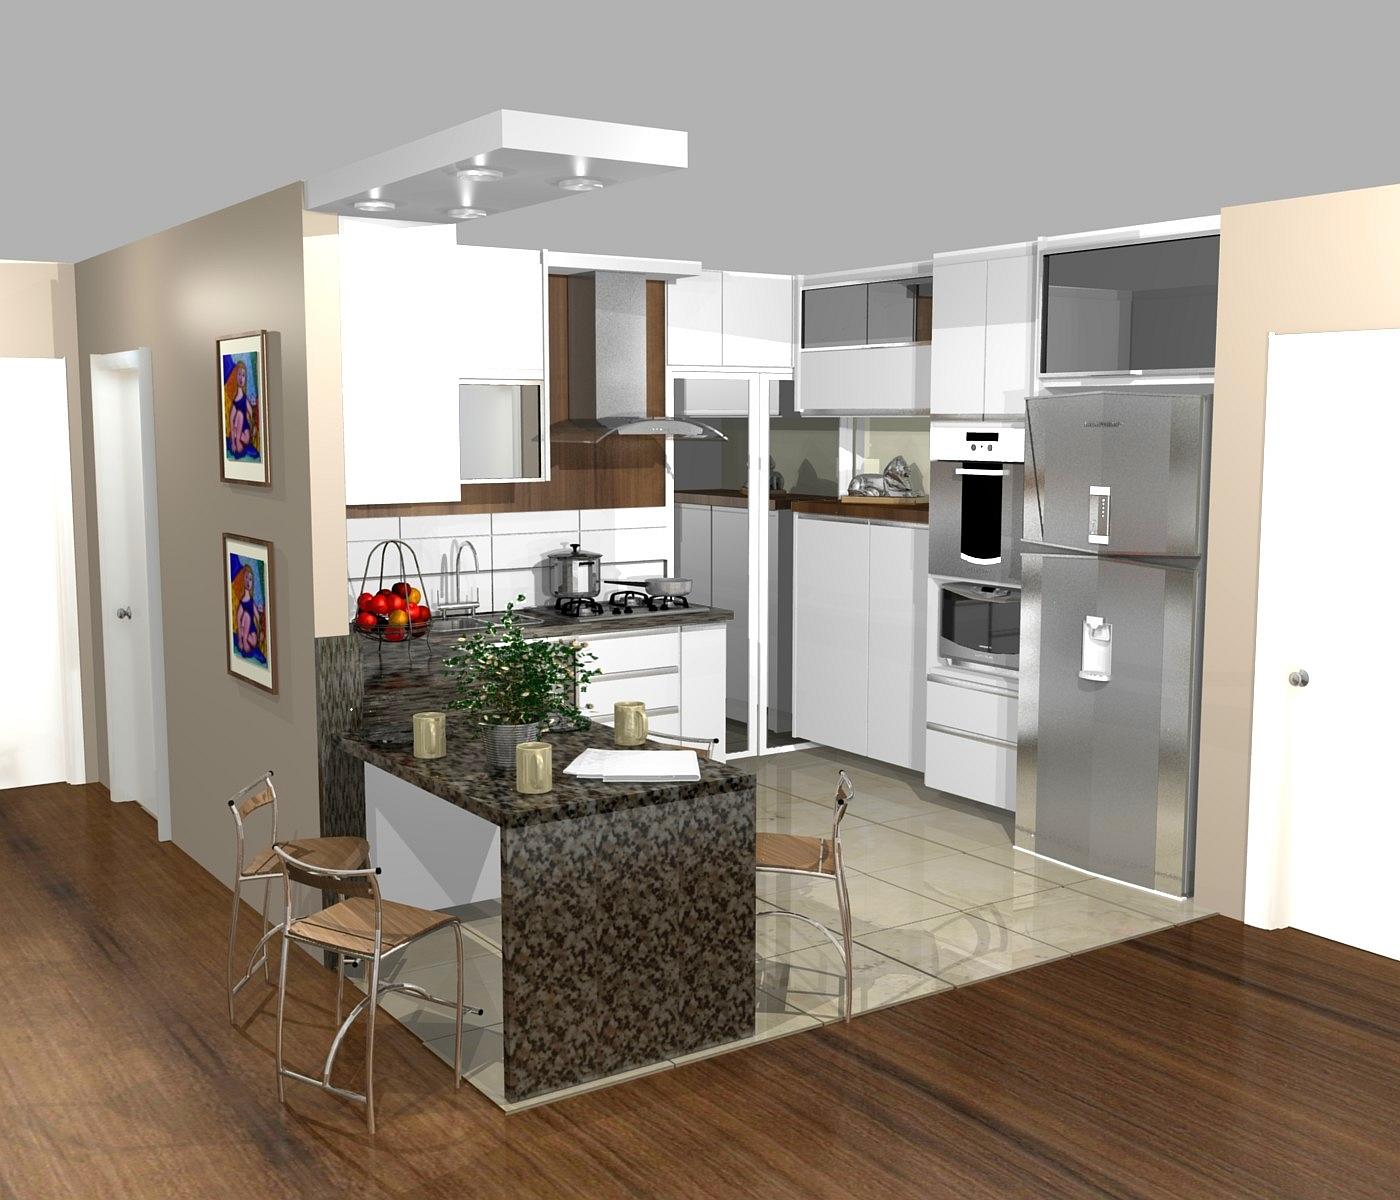 Cozinhas pequenas e modernas holidays oo for Casas pequenas modernas